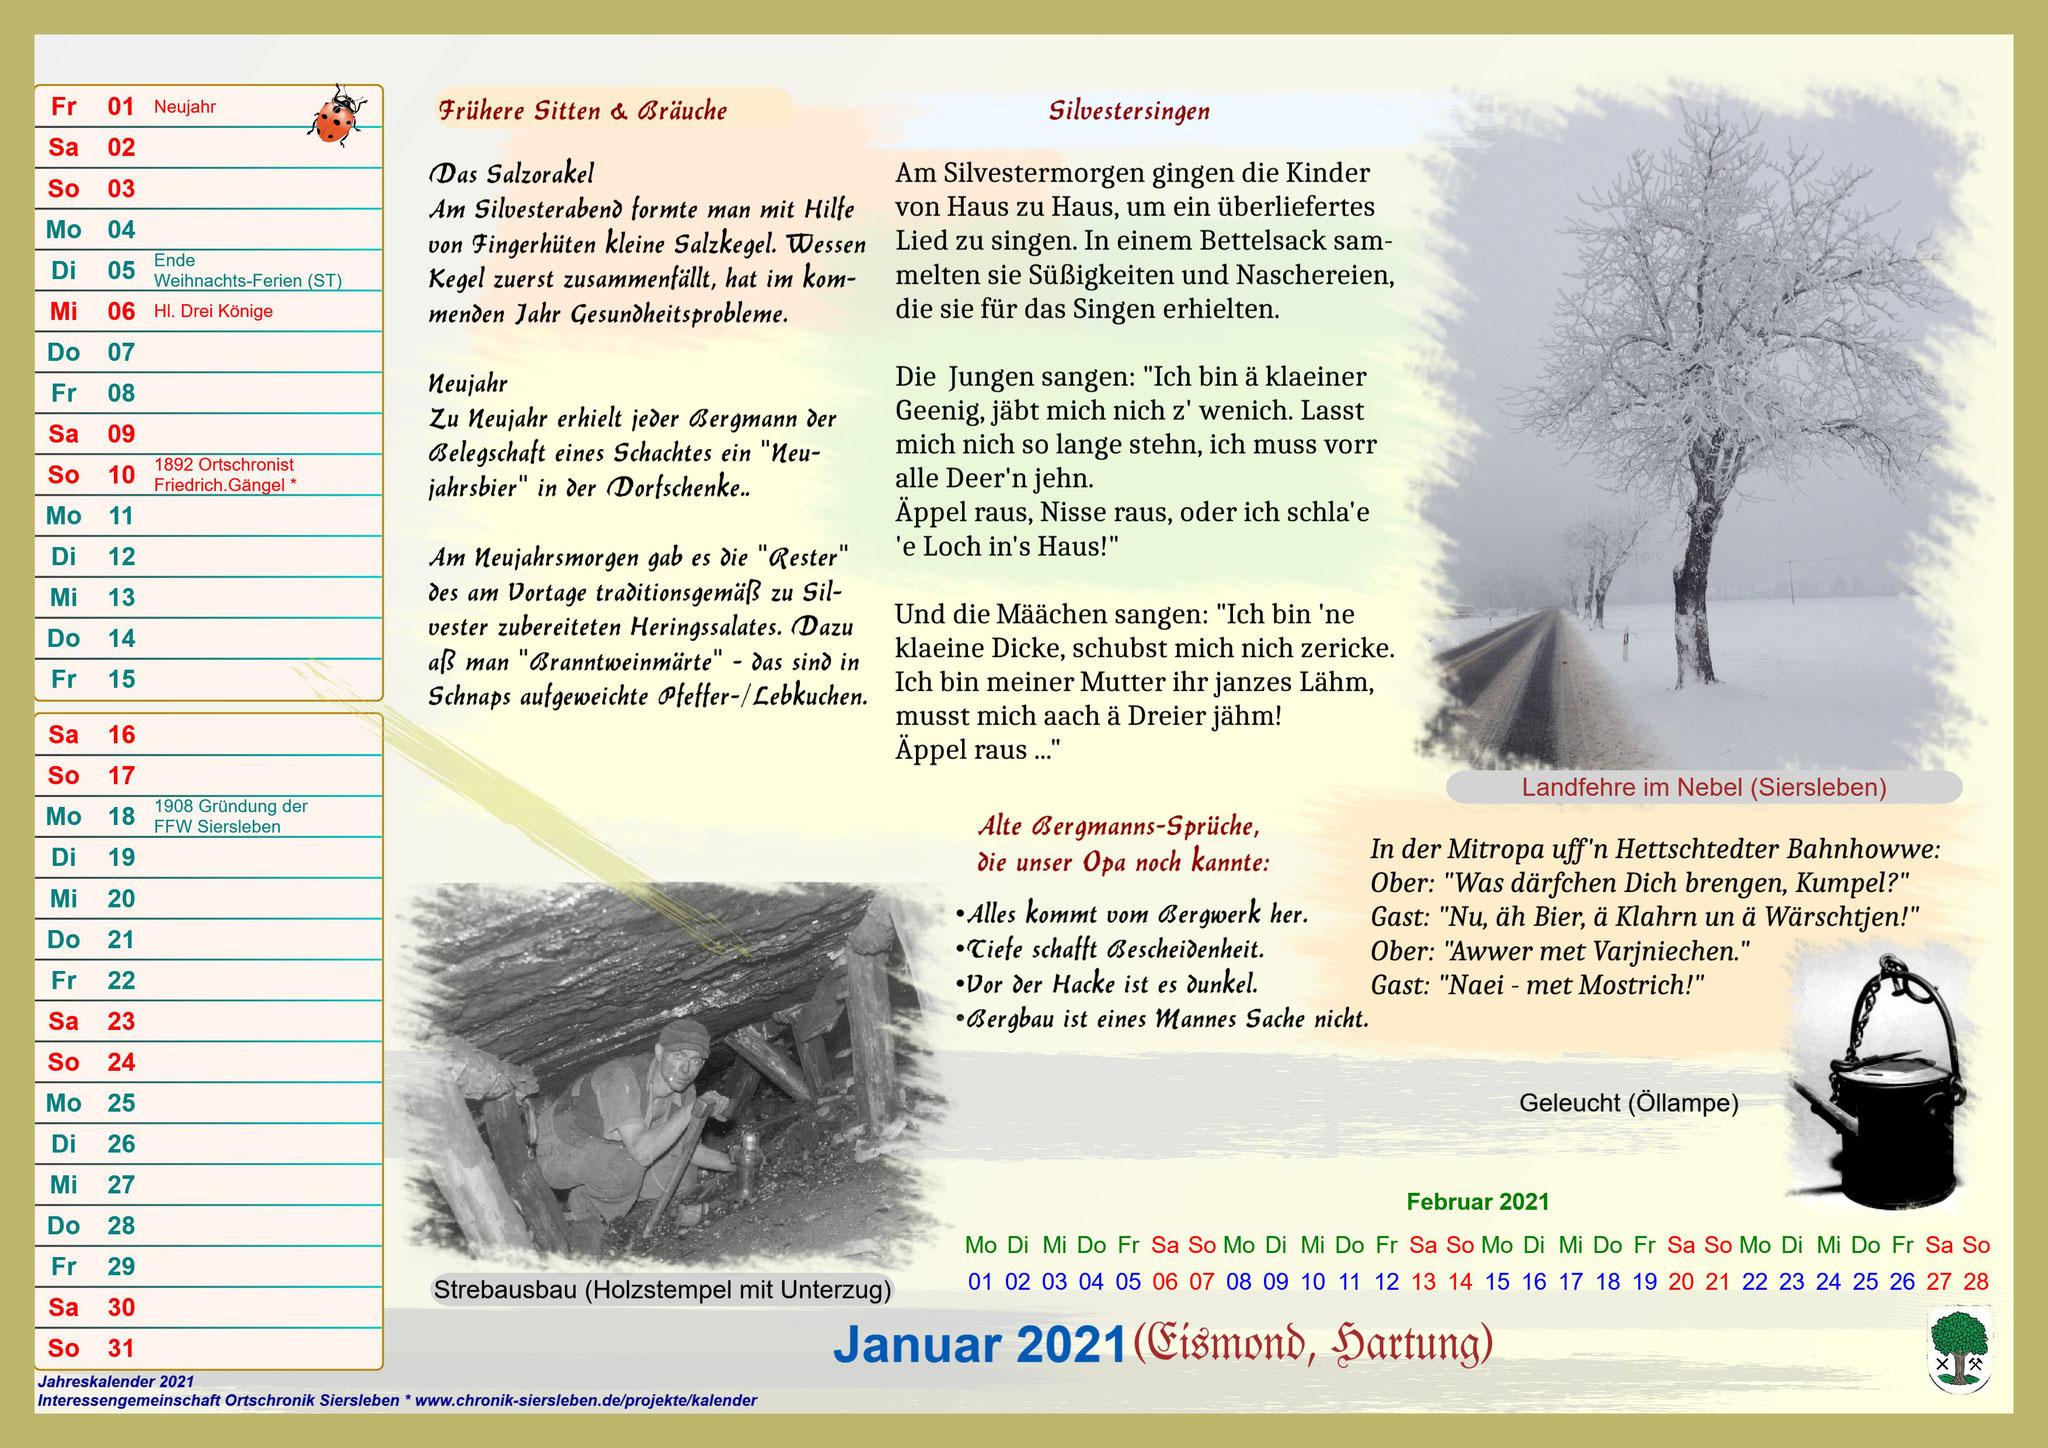 Jahreskalender 2021; Januar